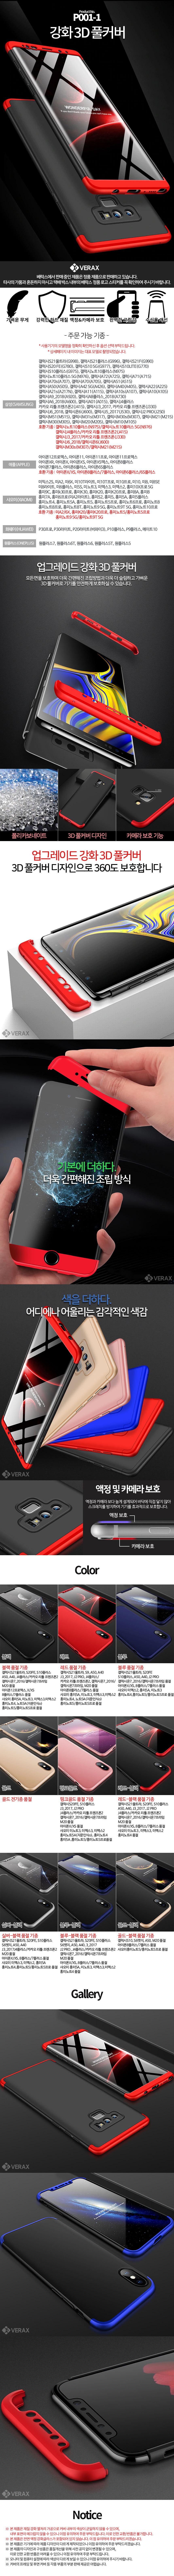 아이폰X/8/7/6/6S/플러스/5S/SE 케이스 정품 3D풀커버 - 베락스, 12,300원, 케이스, 기타 스마트폰